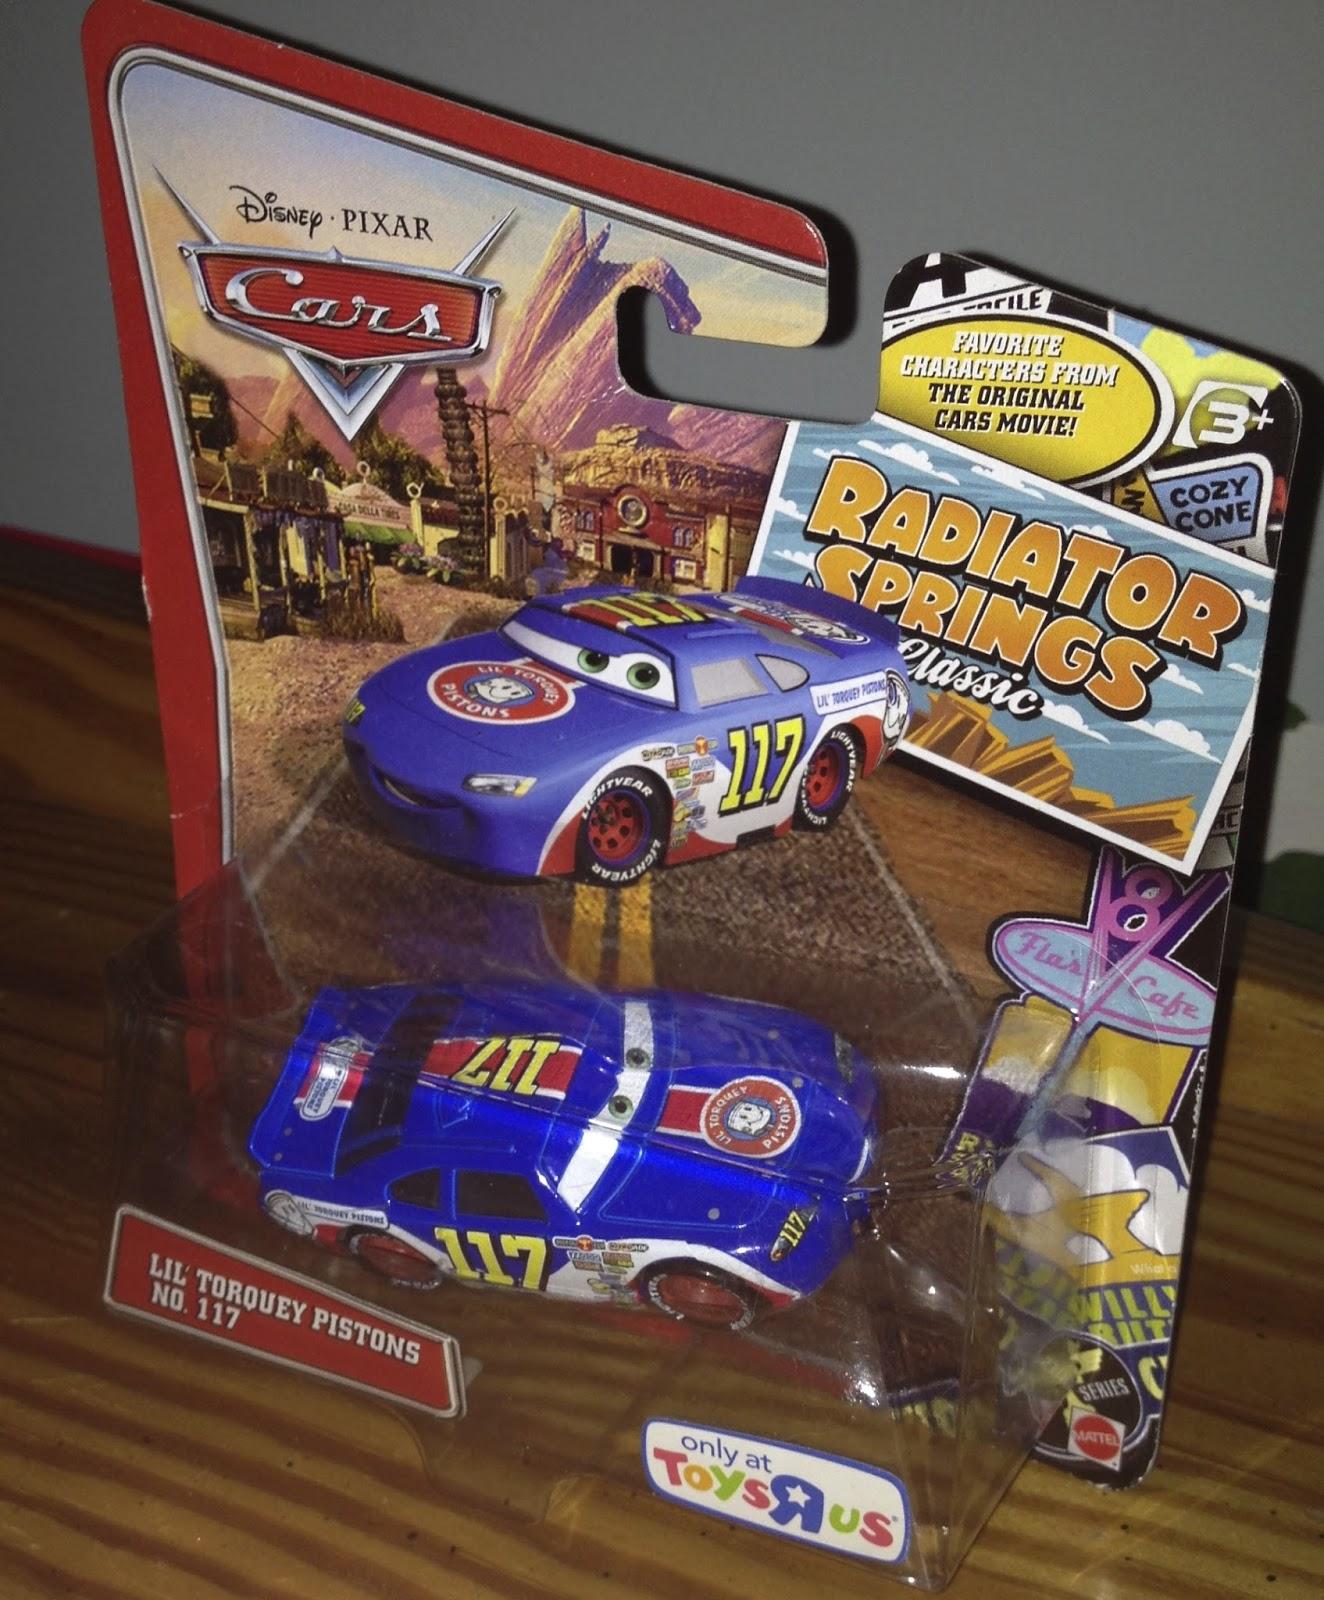 Dan The Pixar Fan Cars Ralph Carlow Lil 39 Torquey Pistons